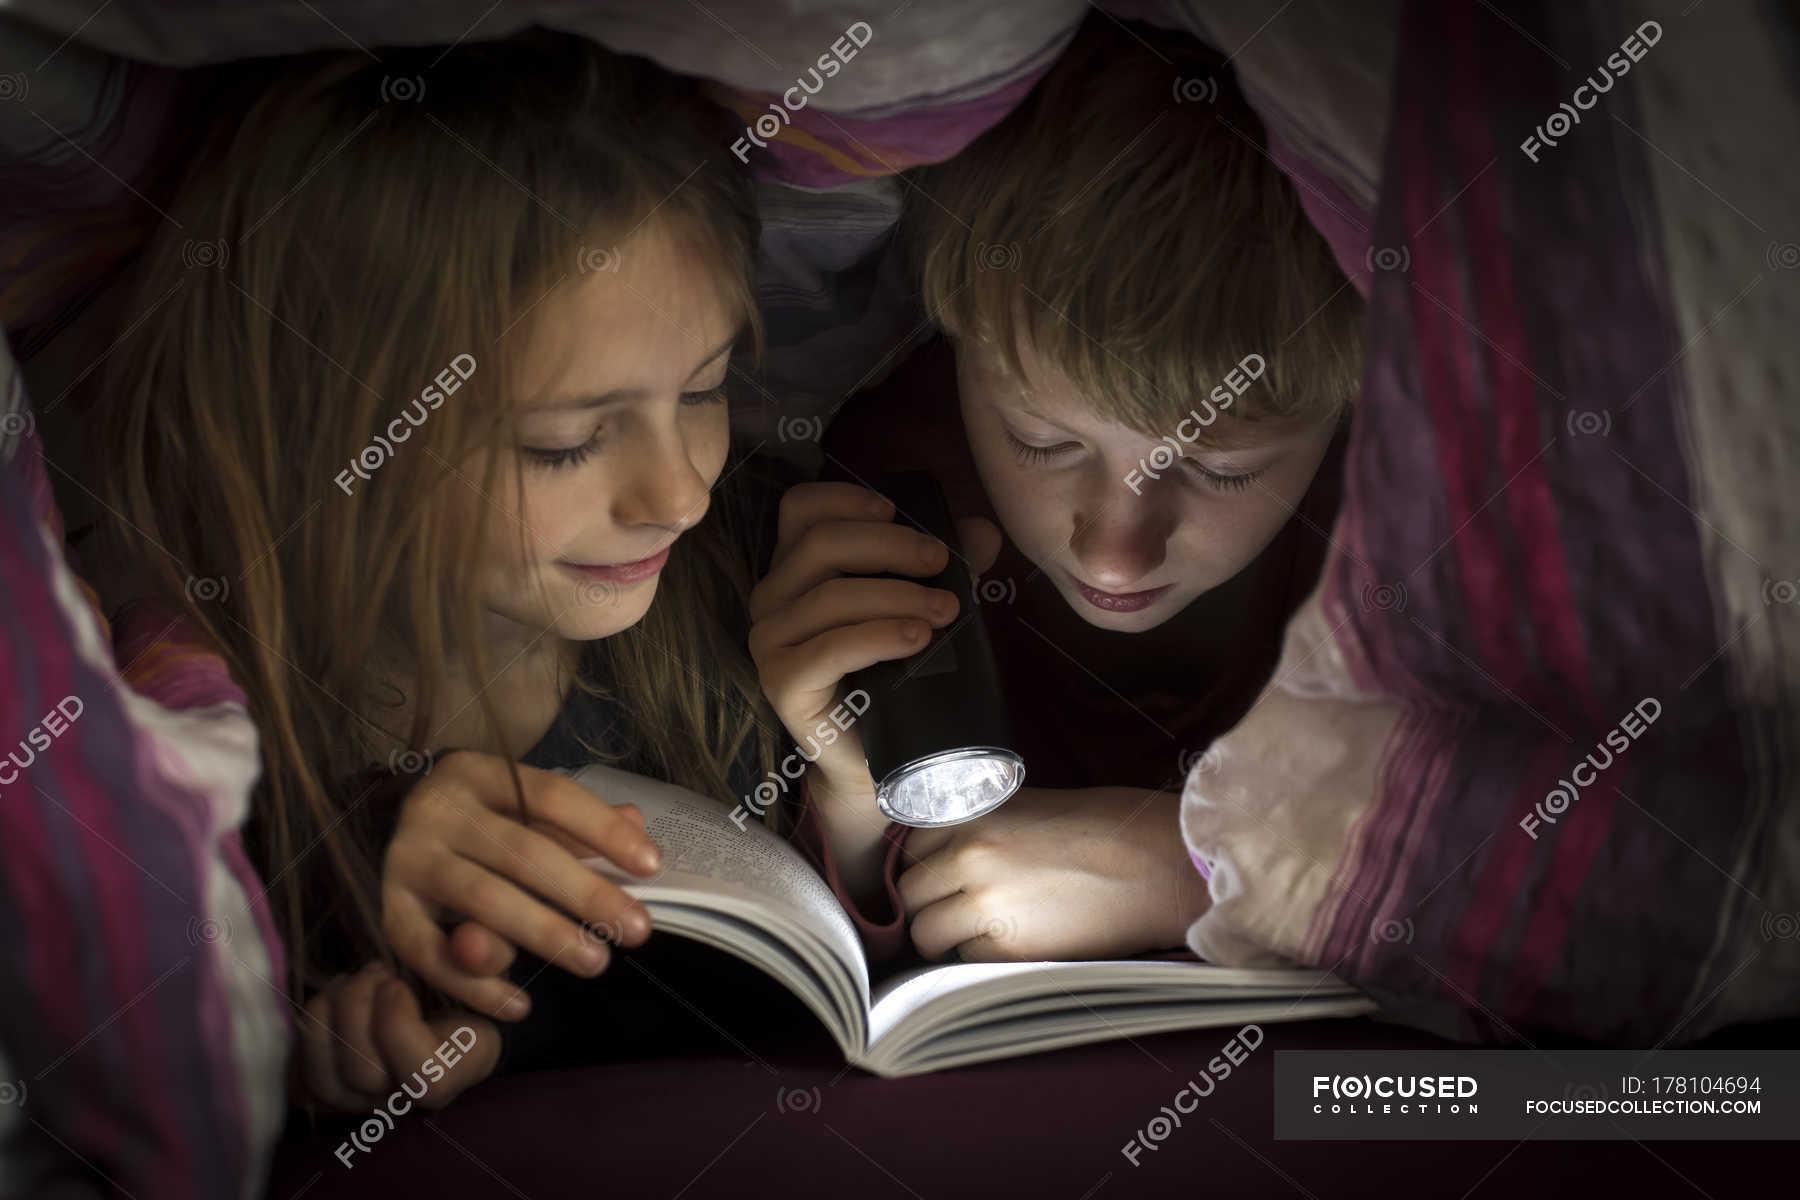 Сестра читала книгу а брат начал приставать, Сестра пристаёт к брату -видео. Смотреть Сестра 11 фотография